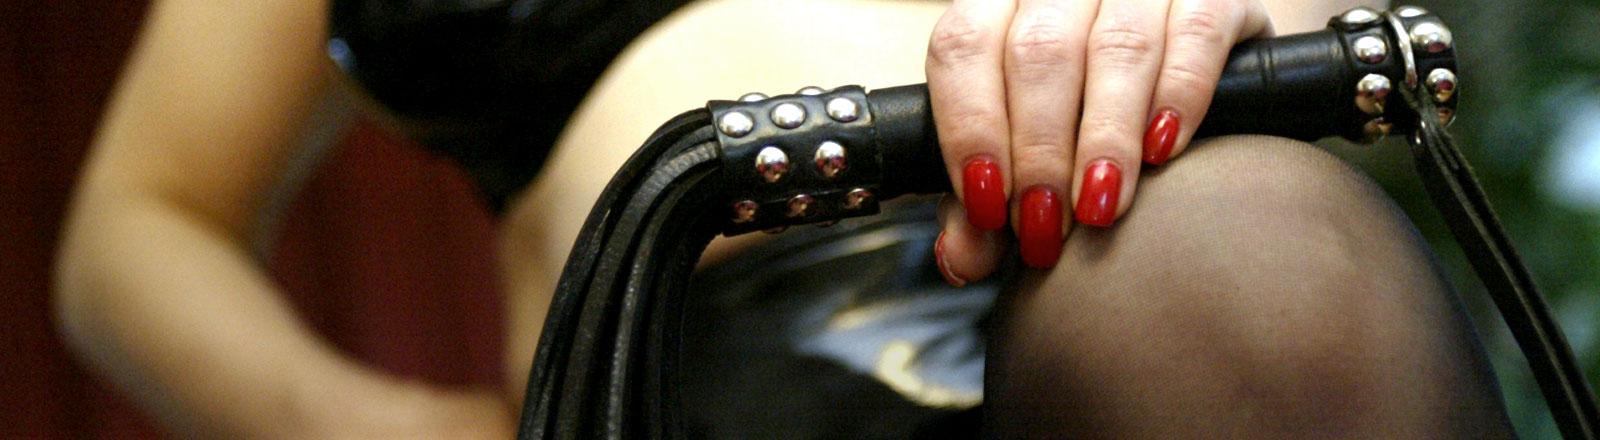 Eine Frau mit schwarzem Leder-BH hält eine Peitsche in der Hand.